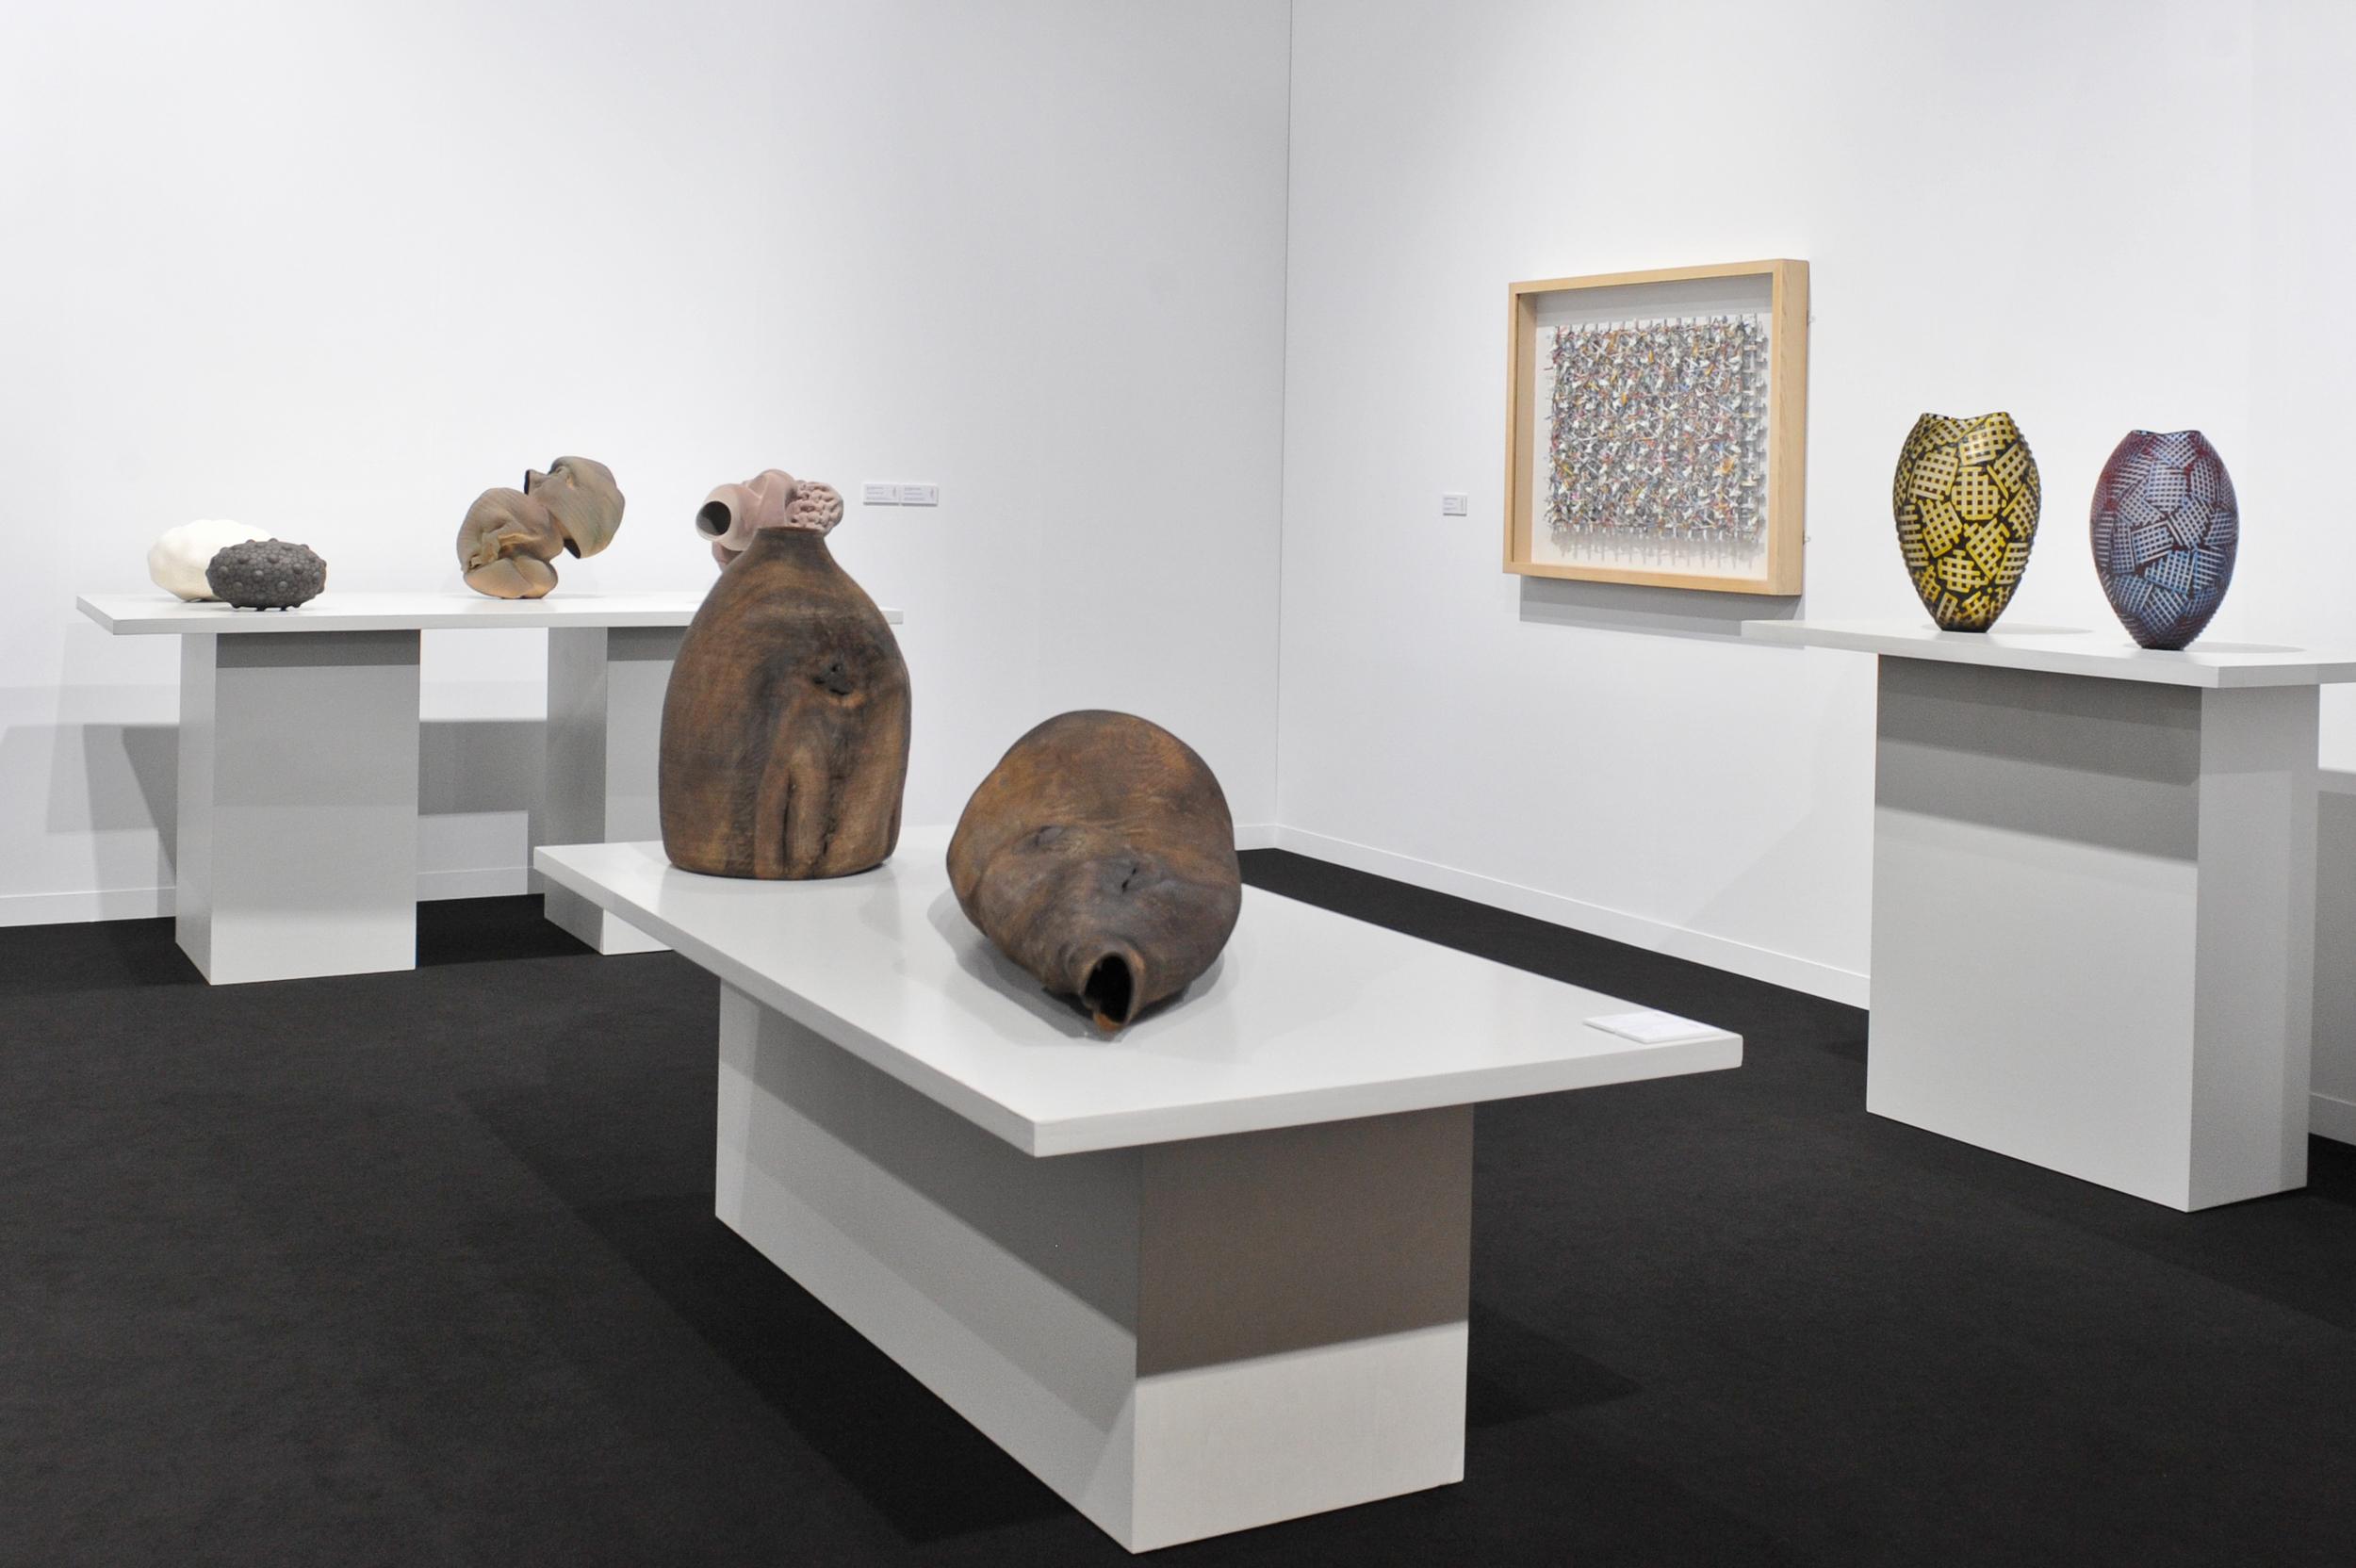 Work by Ernst Gamperl, Michael Brennand-Wood, Baldwin & Guggisberg